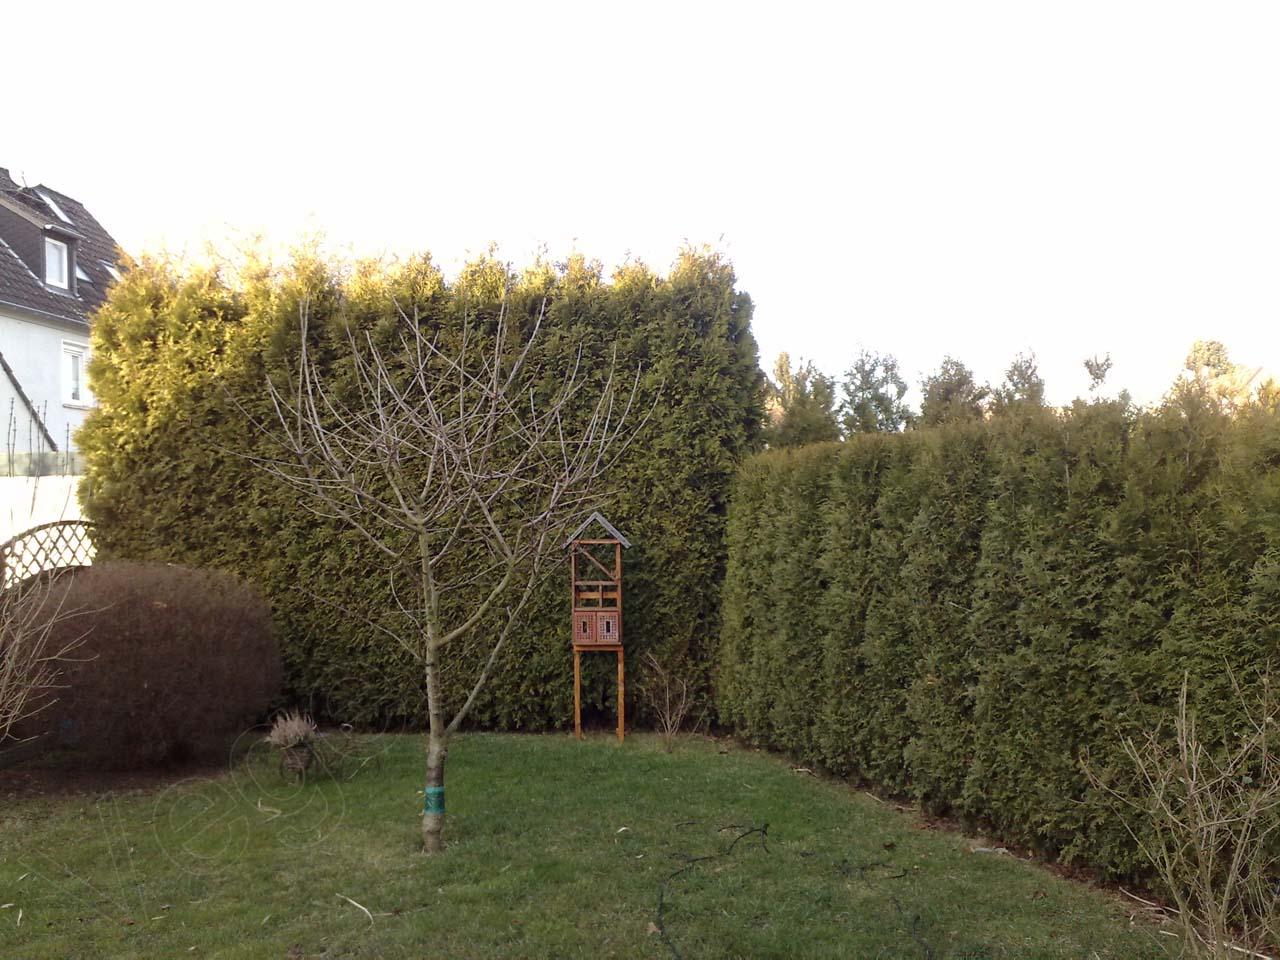 gesetzlicher vogelschutz und heckenschnitt im februar vegetation daheim. Black Bedroom Furniture Sets. Home Design Ideas